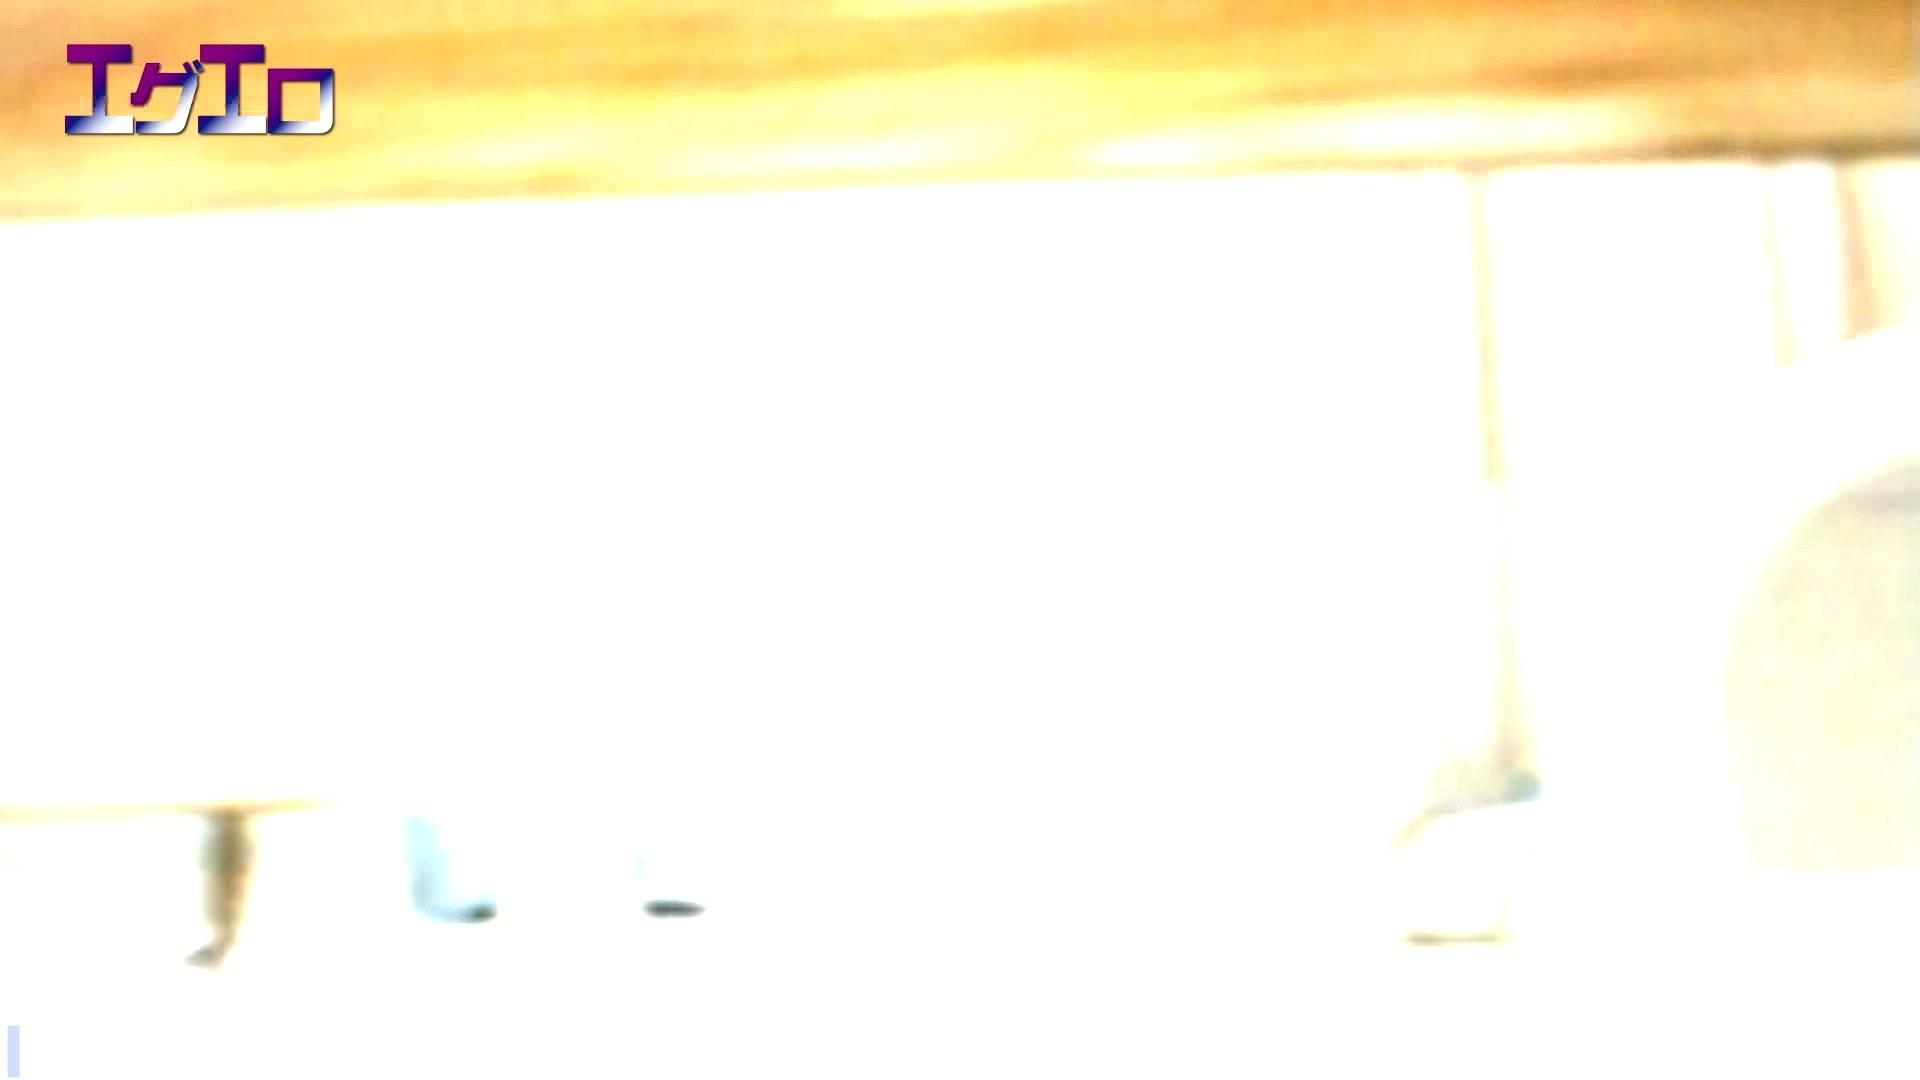 至近距離洗面所 Vol.11 OLの実態 | 洗面所  57pic 11